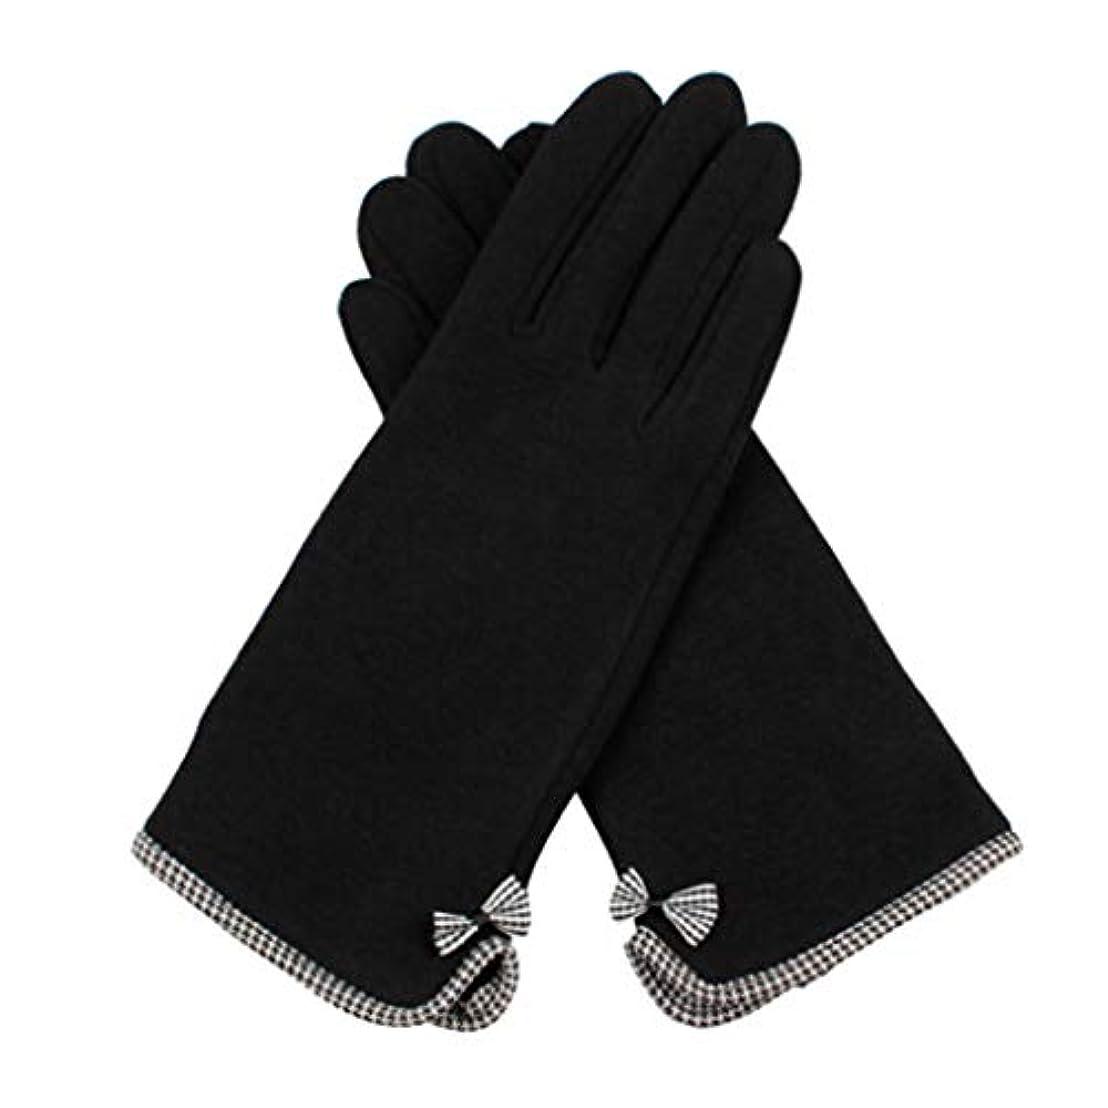 気づかないミュウミュウロマンス手袋女性の冬暖かい韓国語版蝶の結び目の学生ファッションスリムサイクリング運転女性の手袋 (色 : 黒)